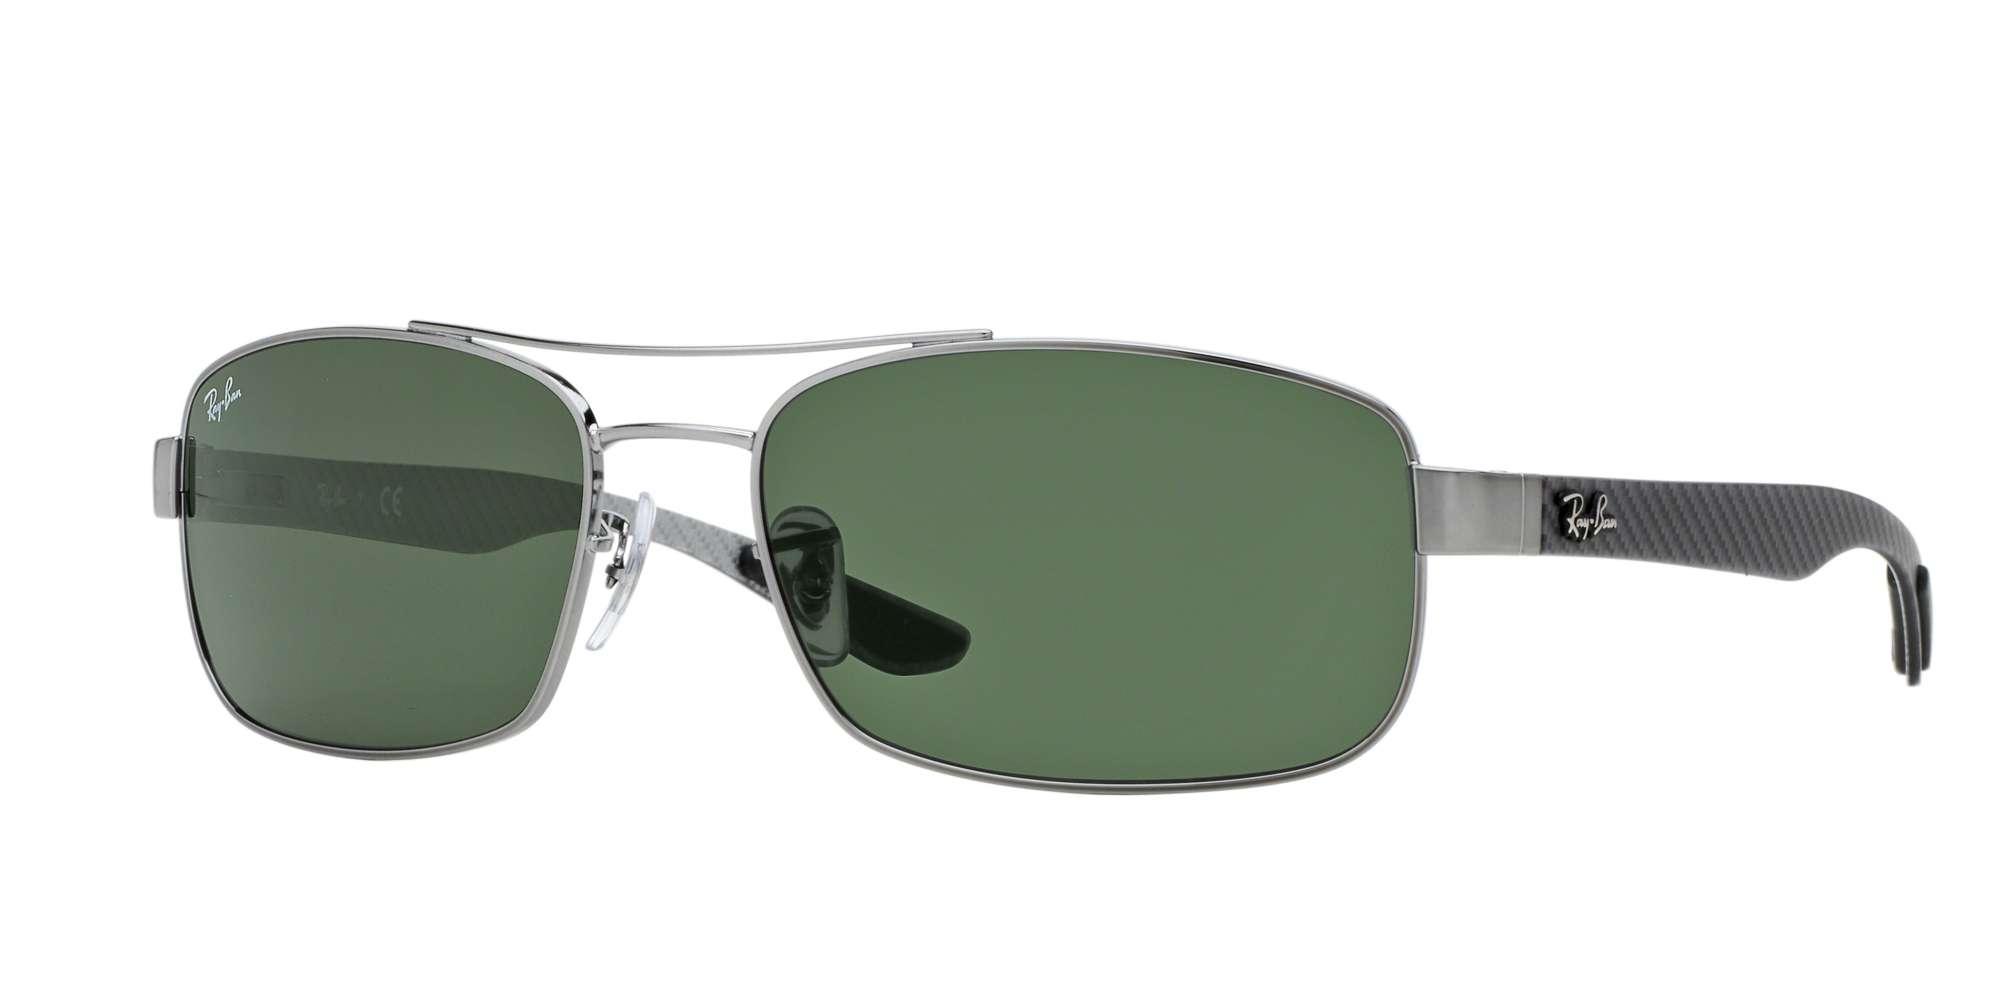 GUNMETAL / DARK GREEN lenses